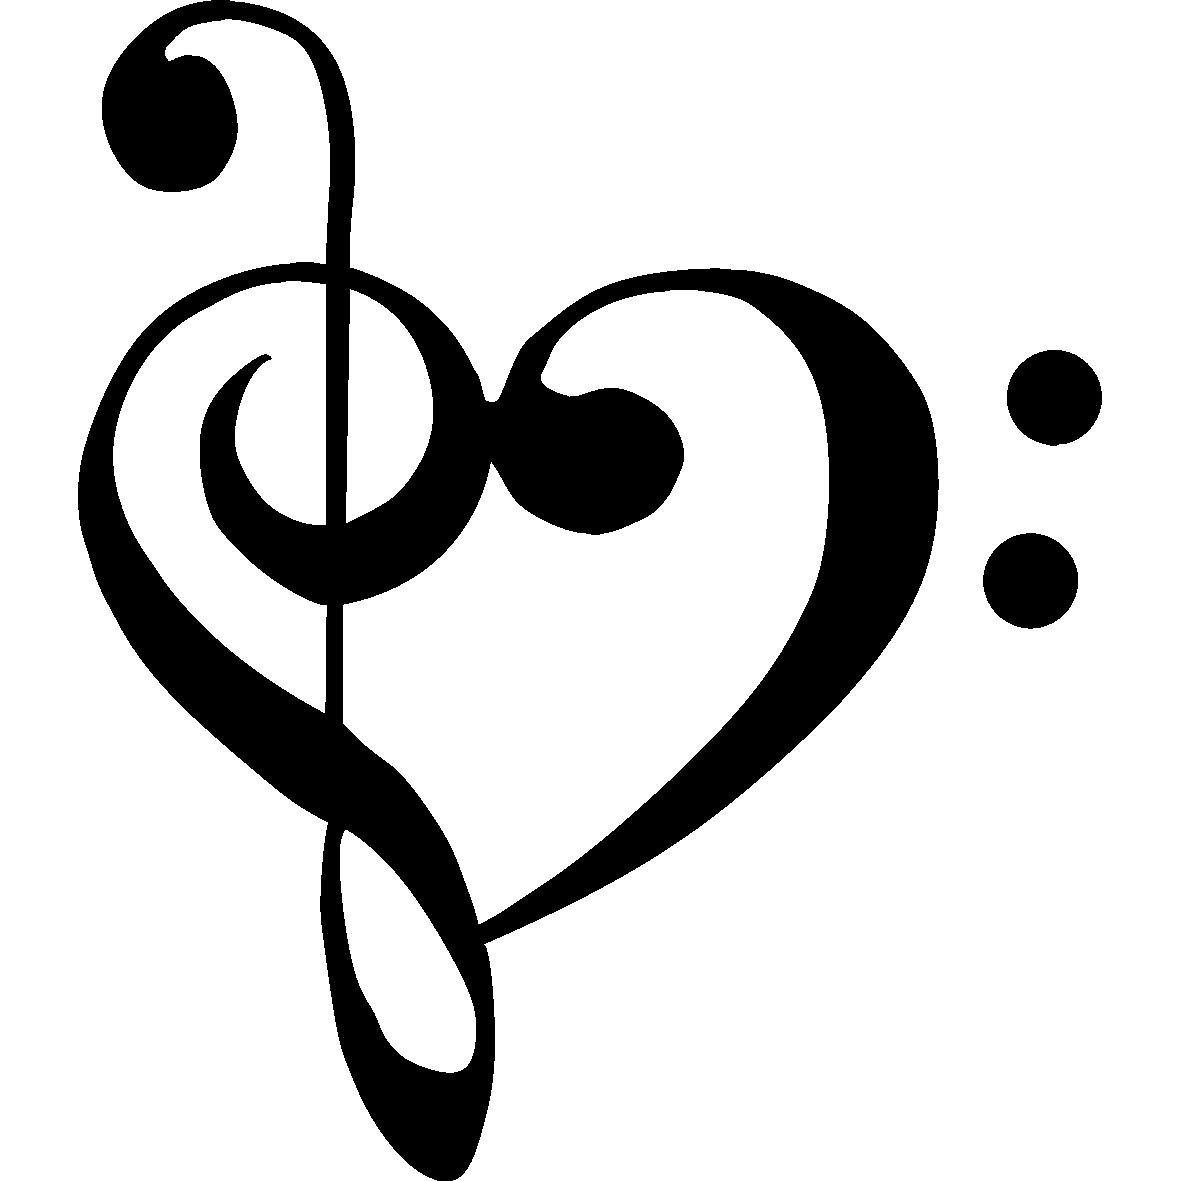 Clave De Sol Y Fa Jpg 1181 1181 Tatuagem Clave De Sol Tatto Notas Musicais Coracao Clave De Sol